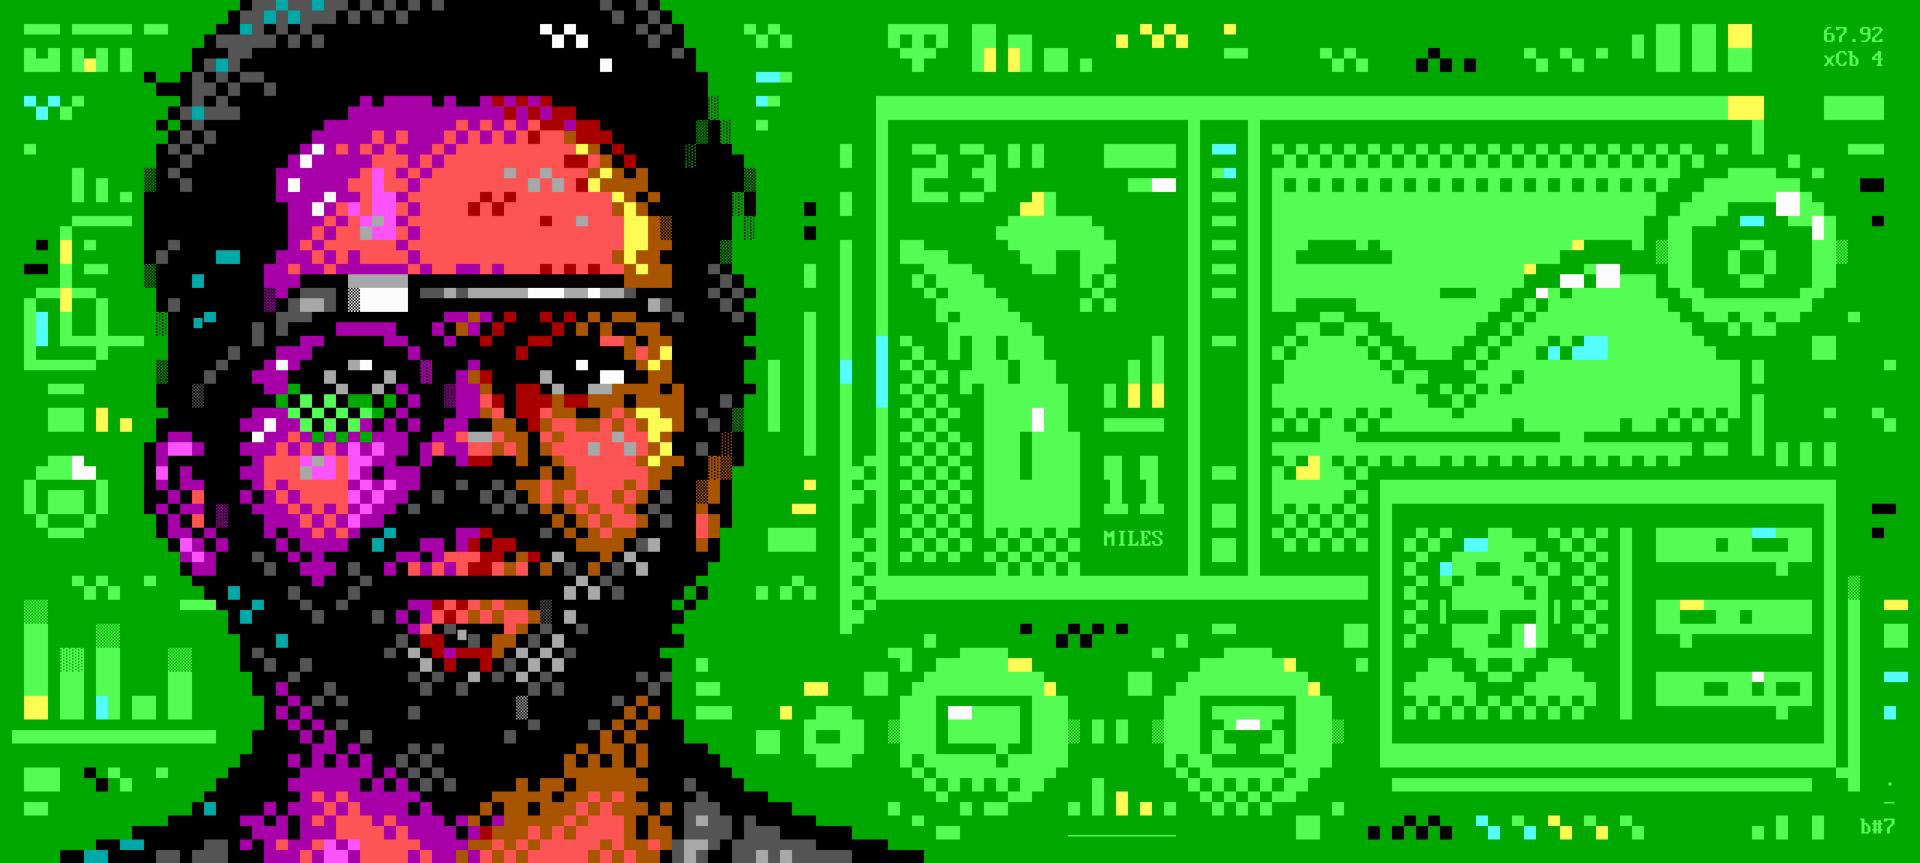 Sergey Brin portrait